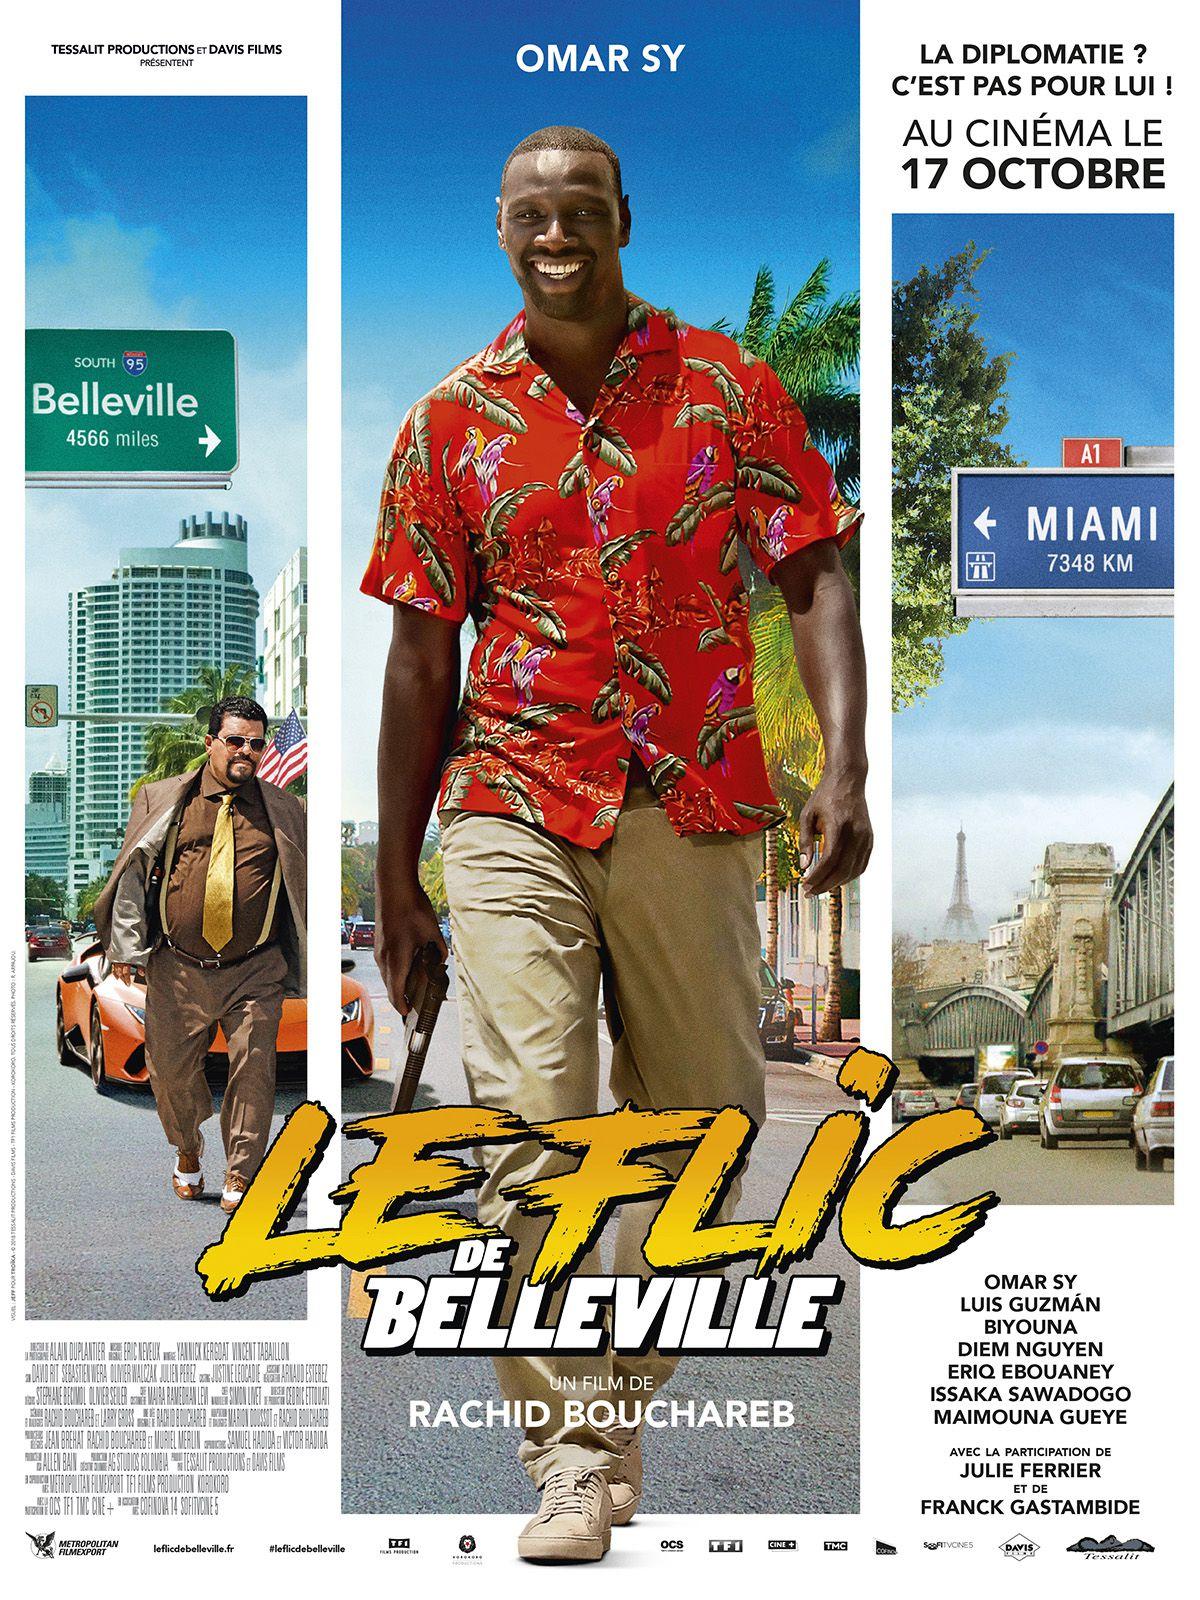 Le Flic de Belleville - Film (2018)